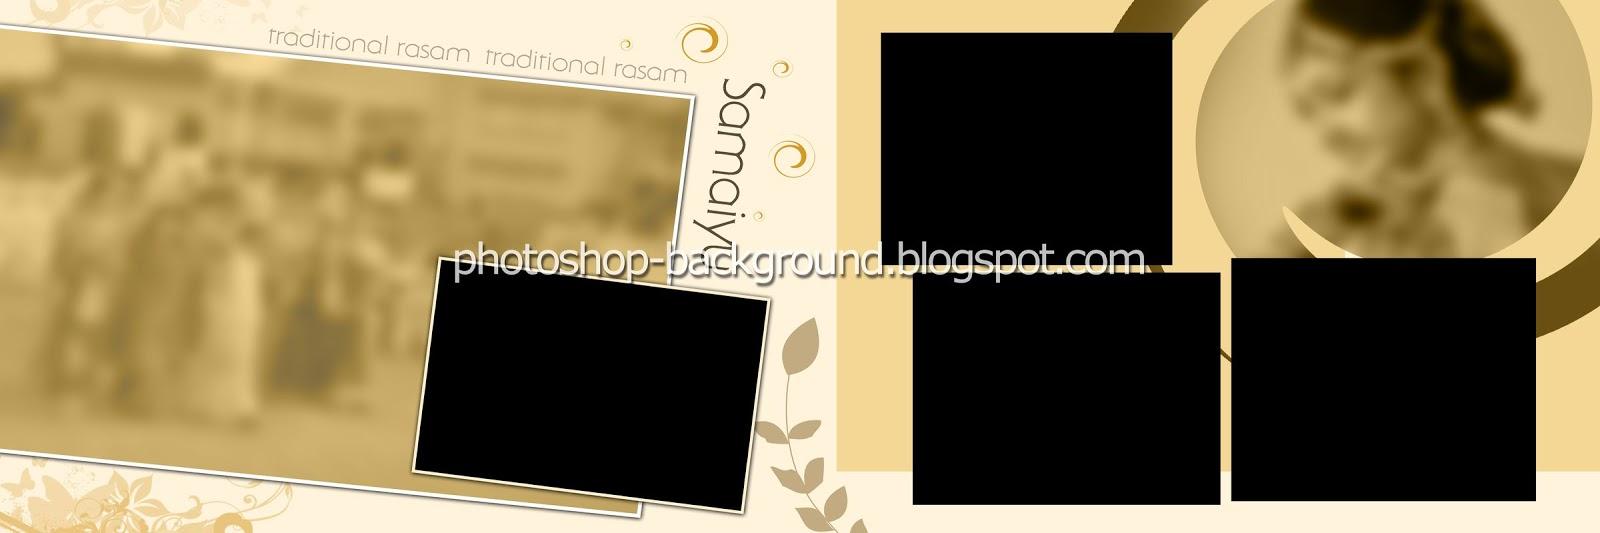 12x36 Karizma Photo Album PSD - 2 | PSD Grafix - Blog for